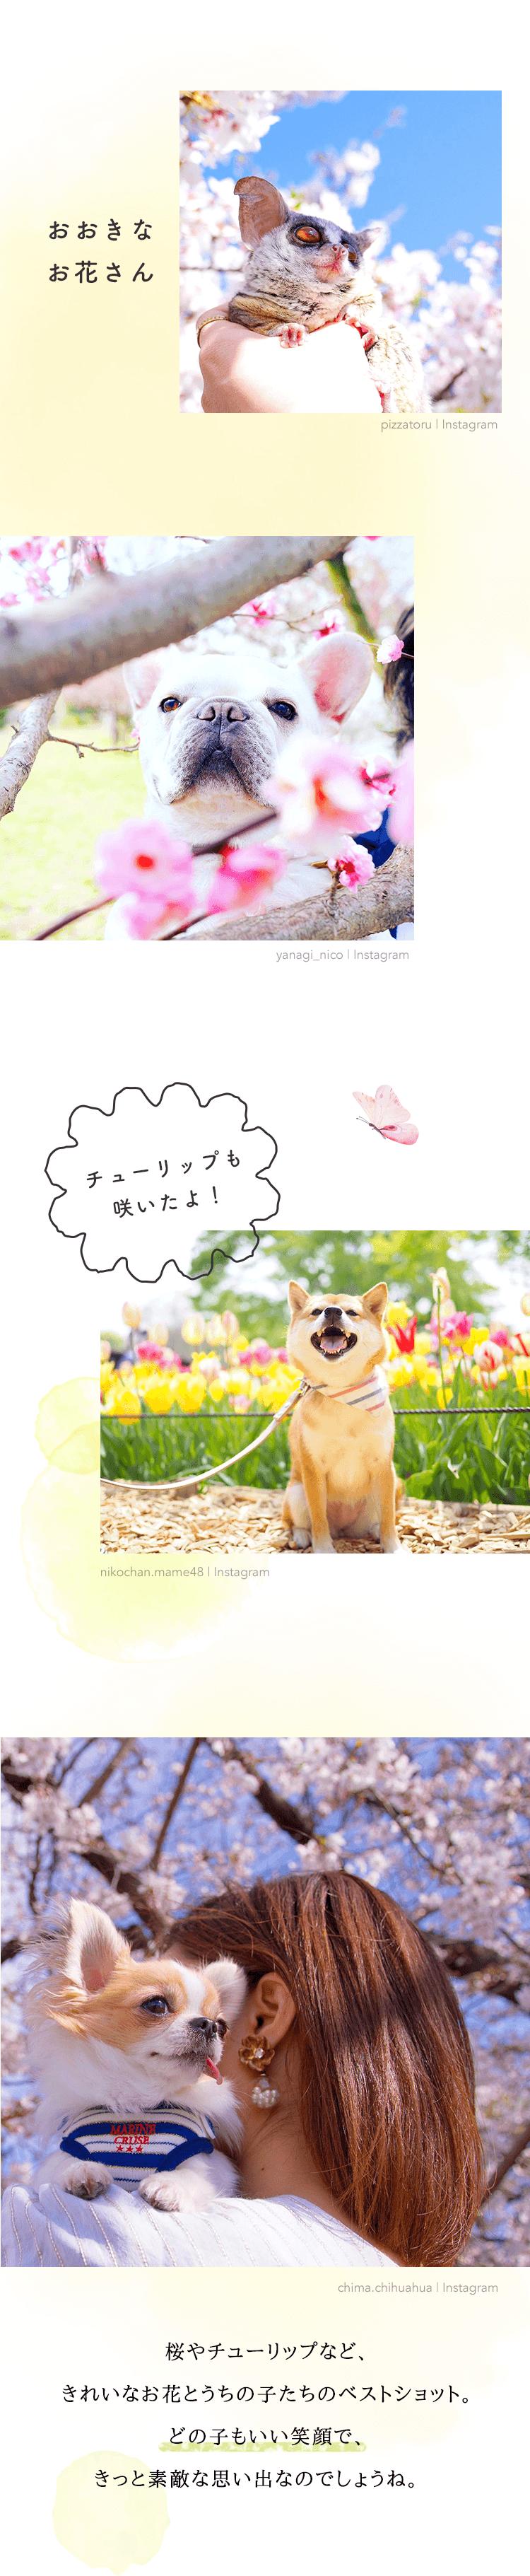 桜やチューリップなど、 きれいなお花とうちの子たちのベストショット。 どの子もいい笑顔で、きっと素敵な思い出なのでしょうね。